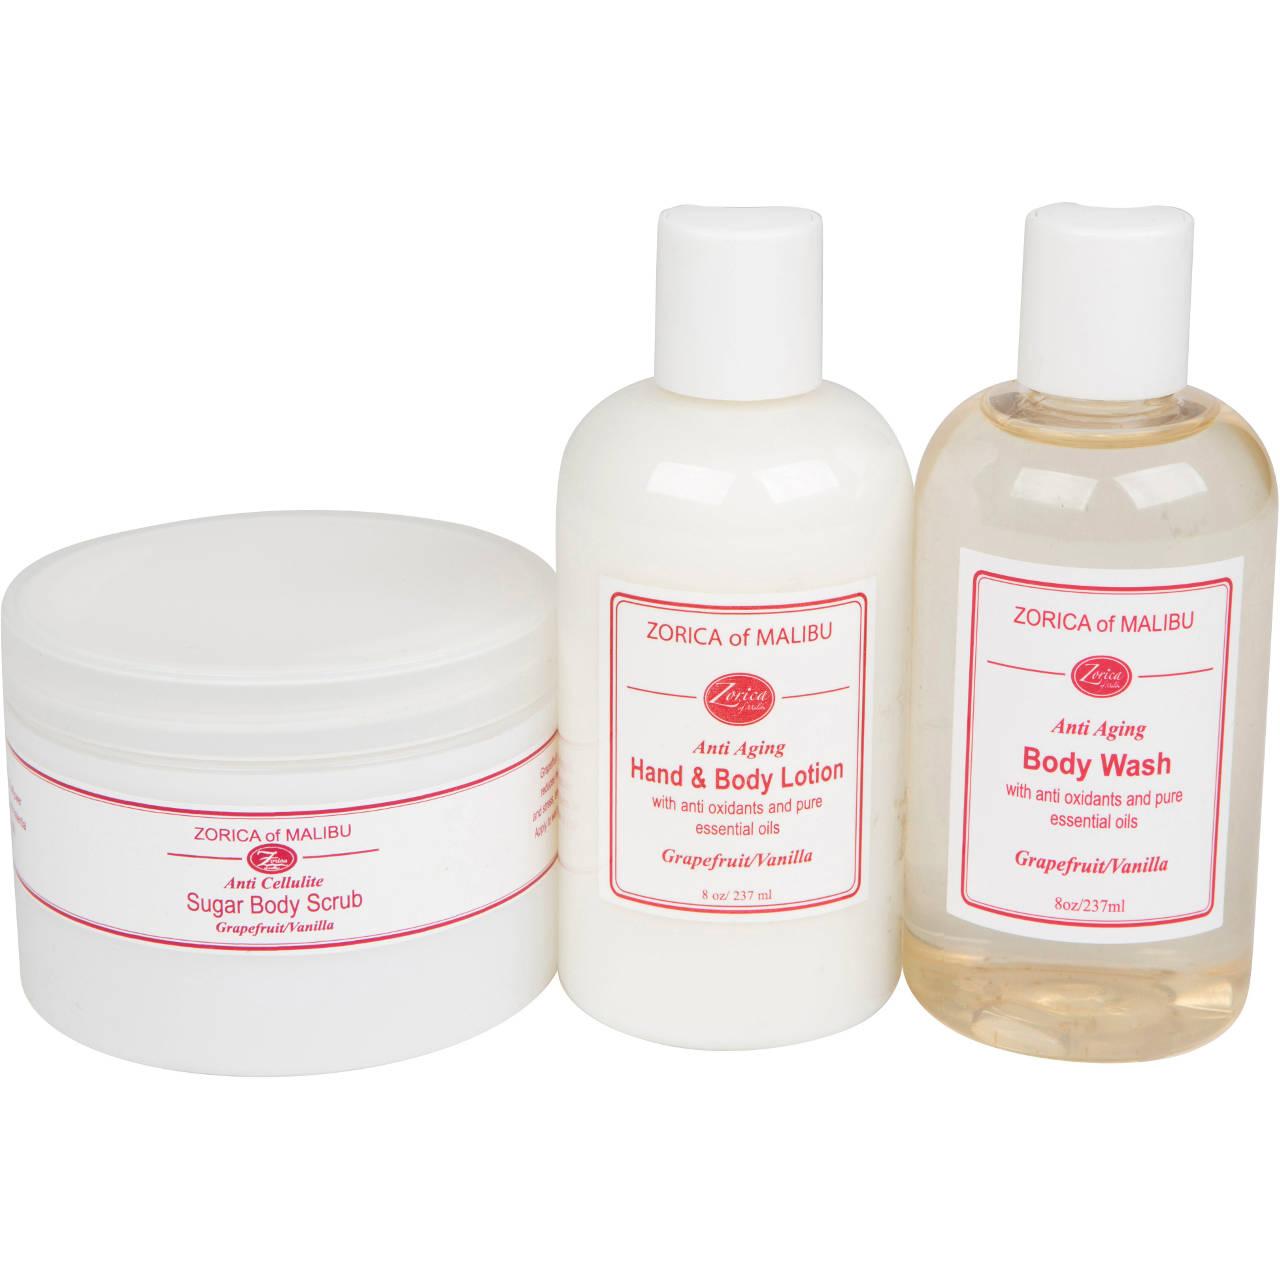 Anti-Aging Bath & Body Products